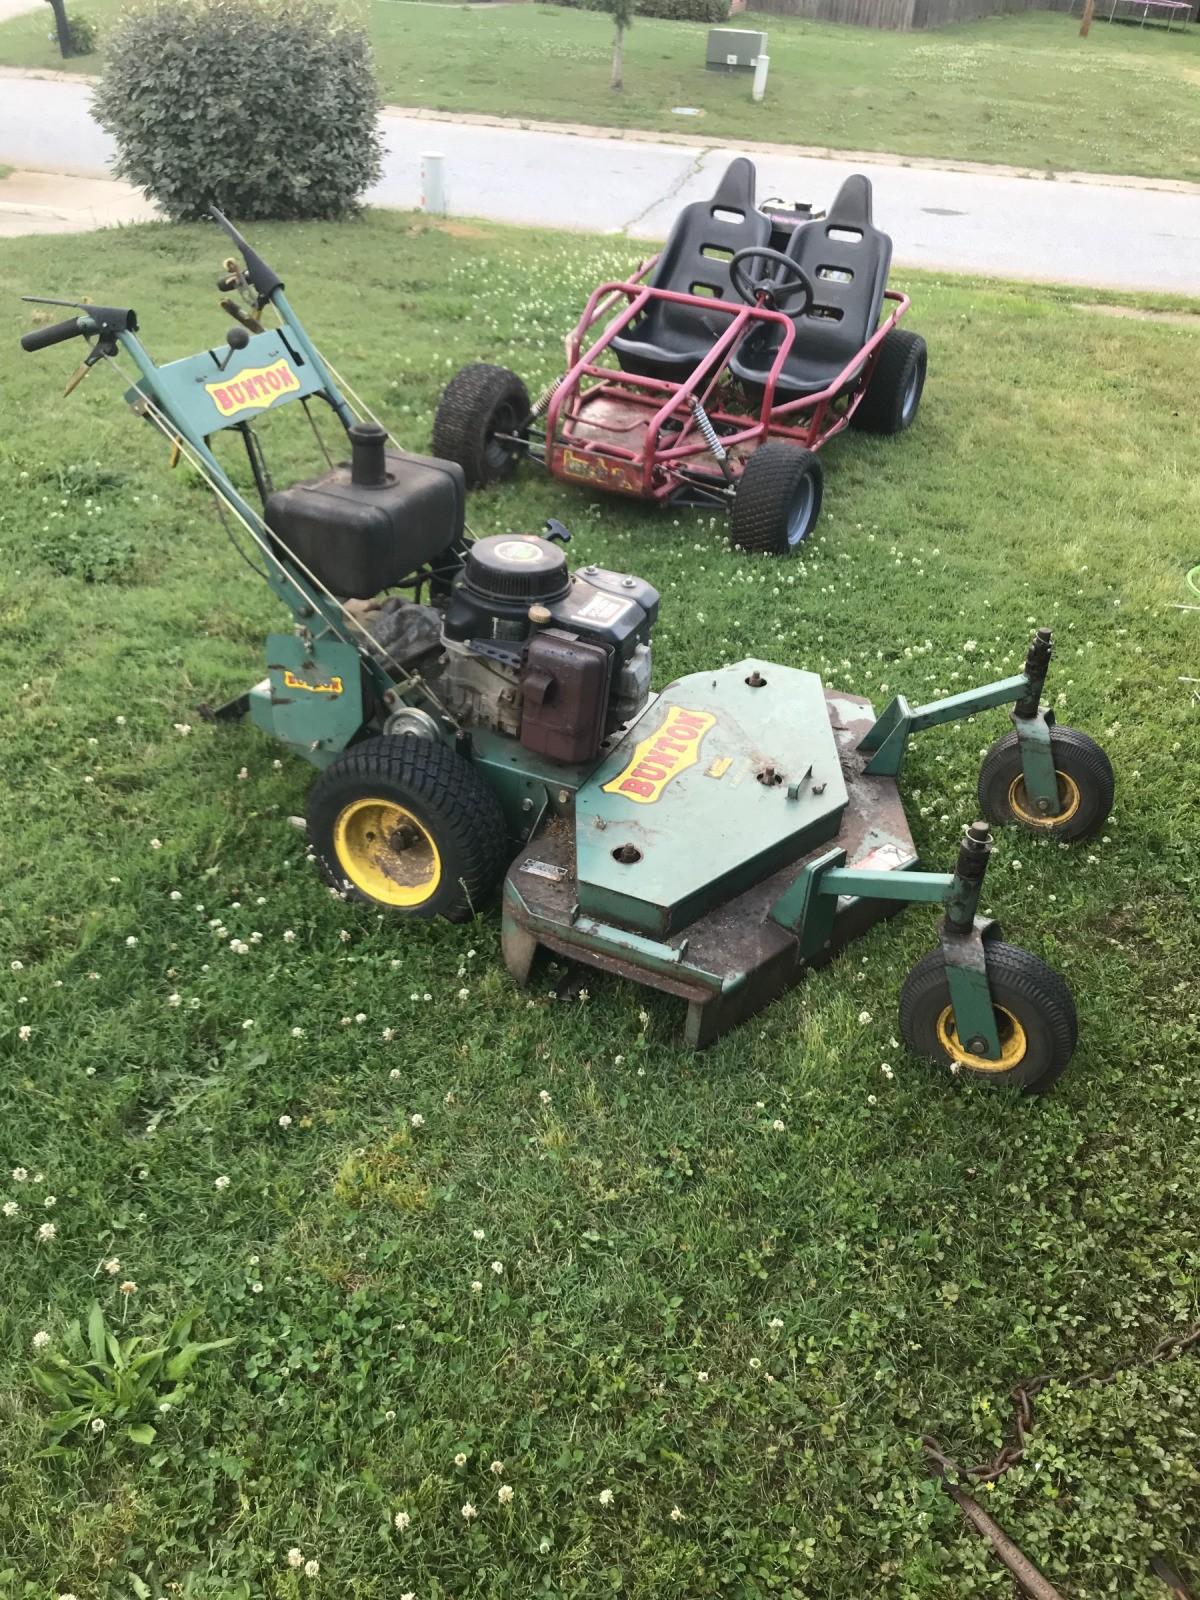 Lawn Mower Won't Stay Running | ThriftyFun